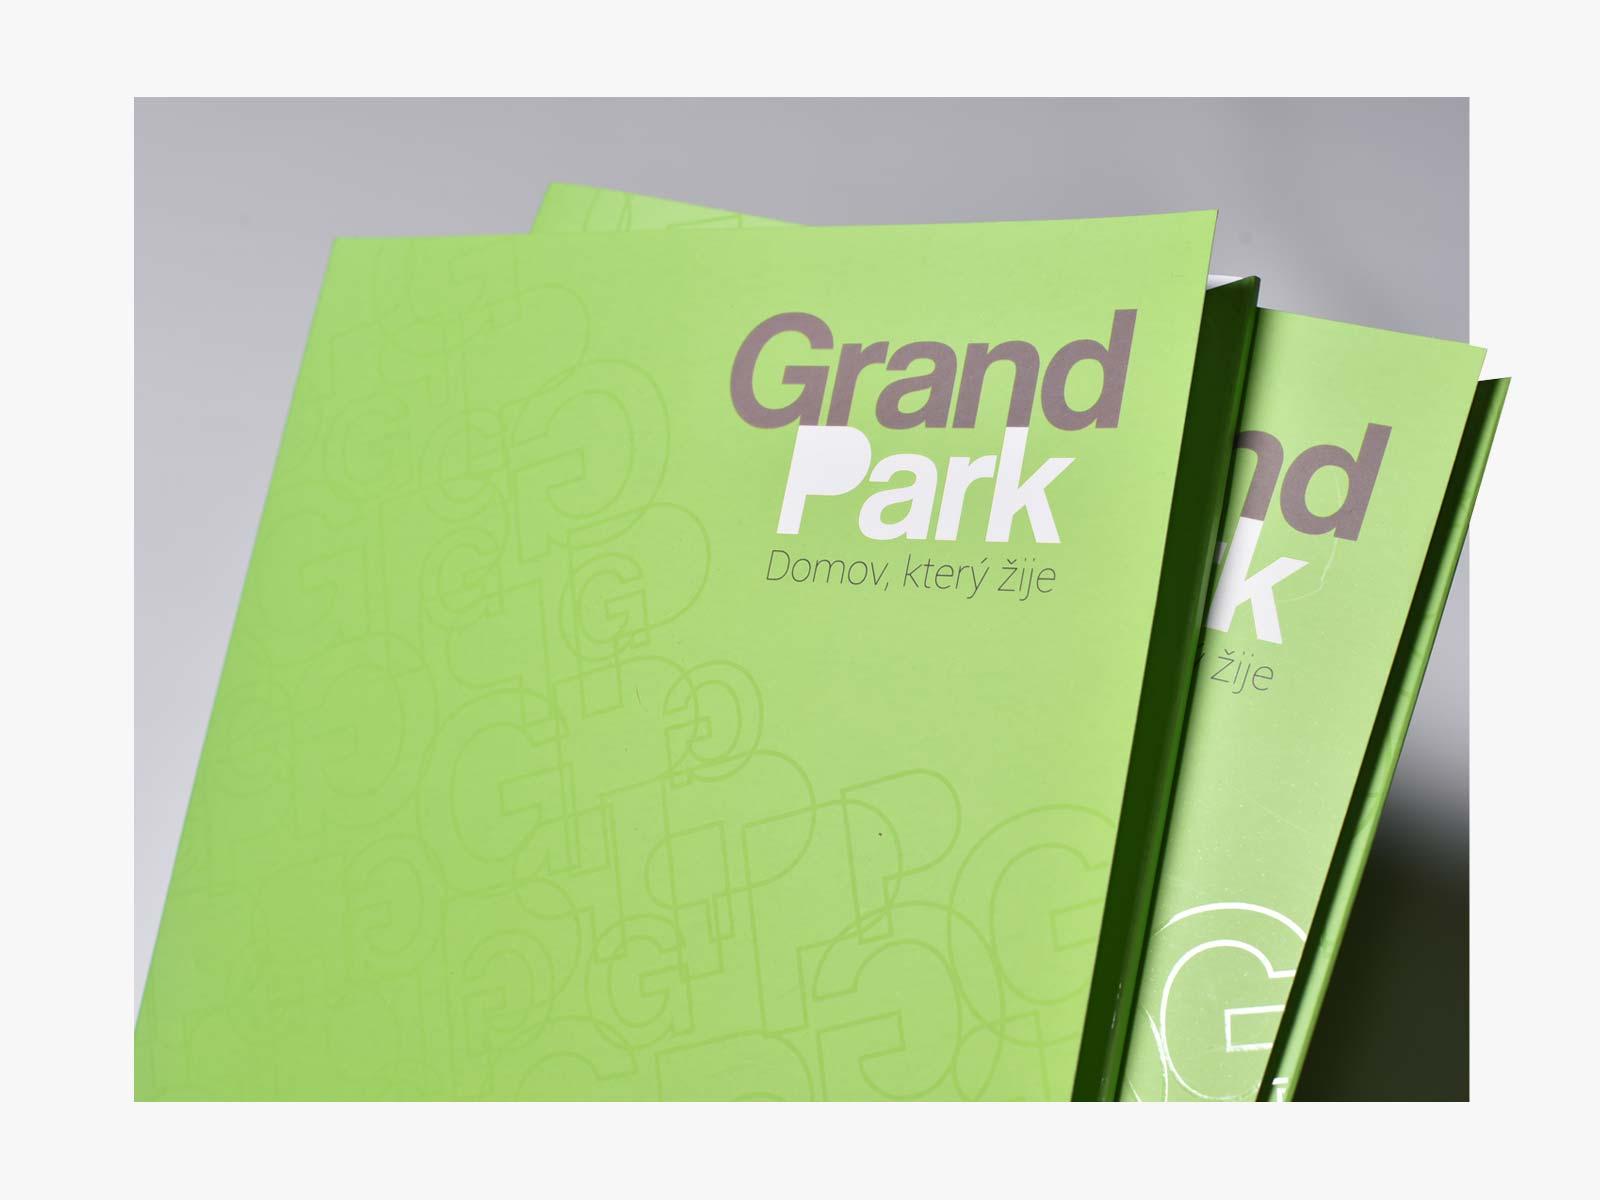 GrandPark desky